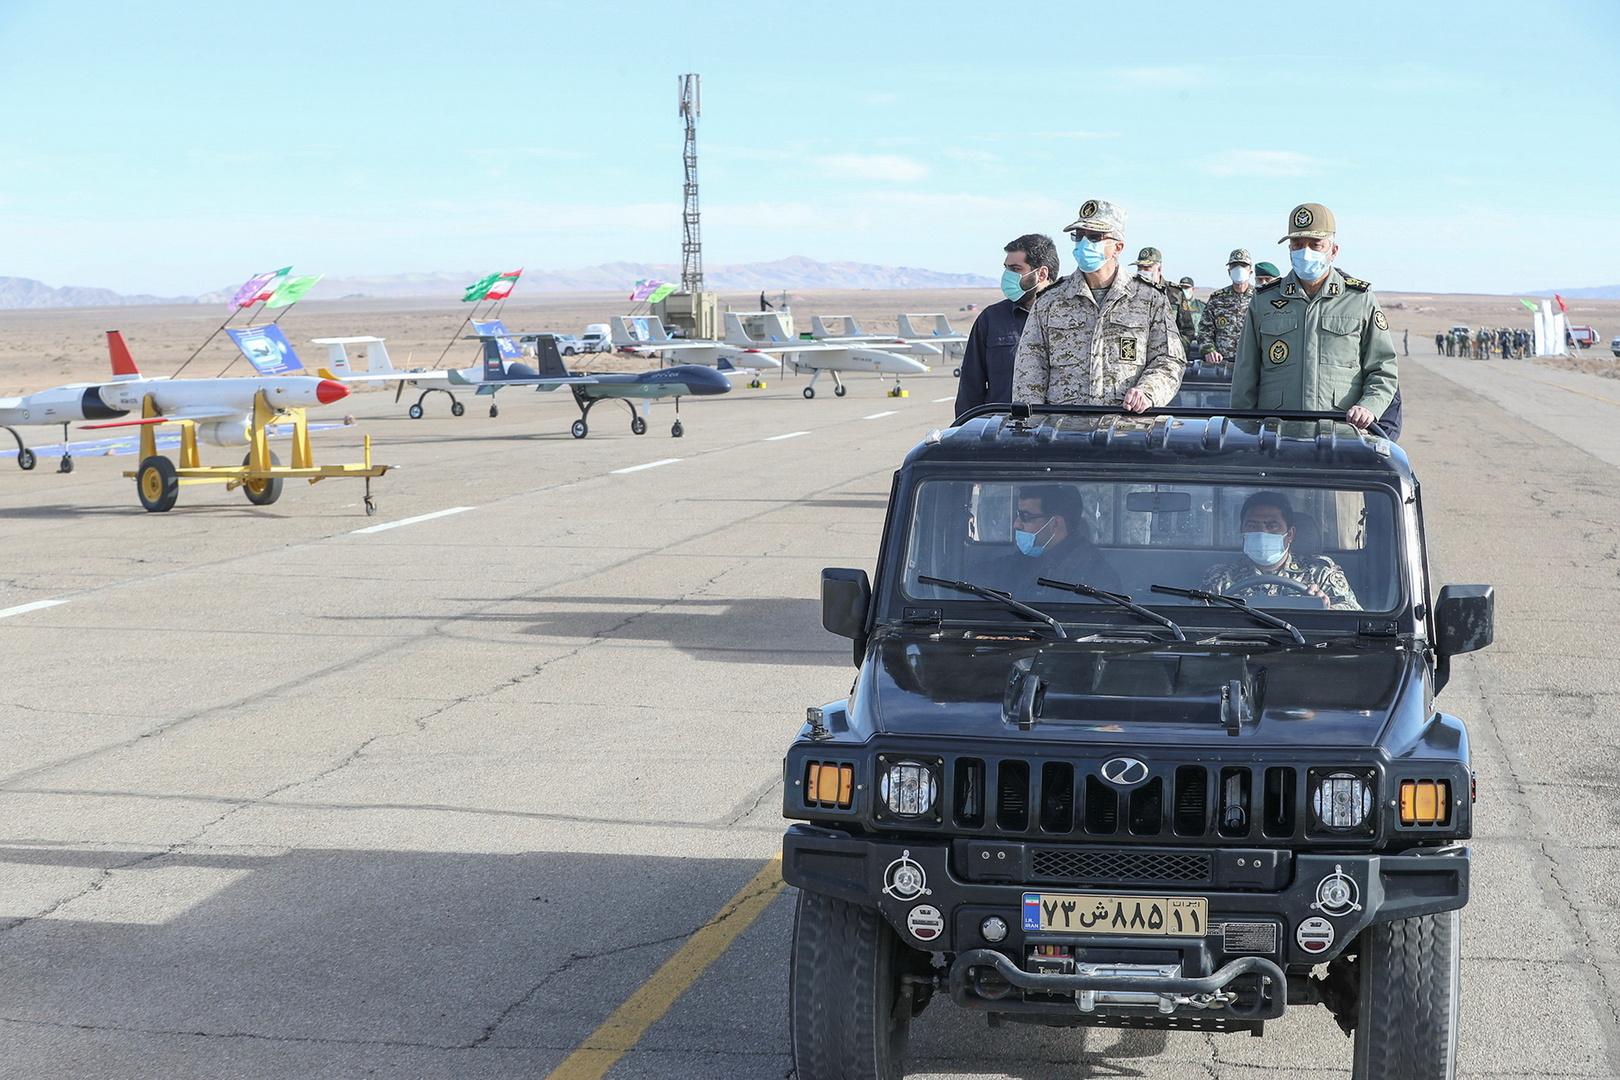 قائد الأركان الإيرانية، اللواء محمد باقري إلى جانب قادة عسكريين إيرانيين